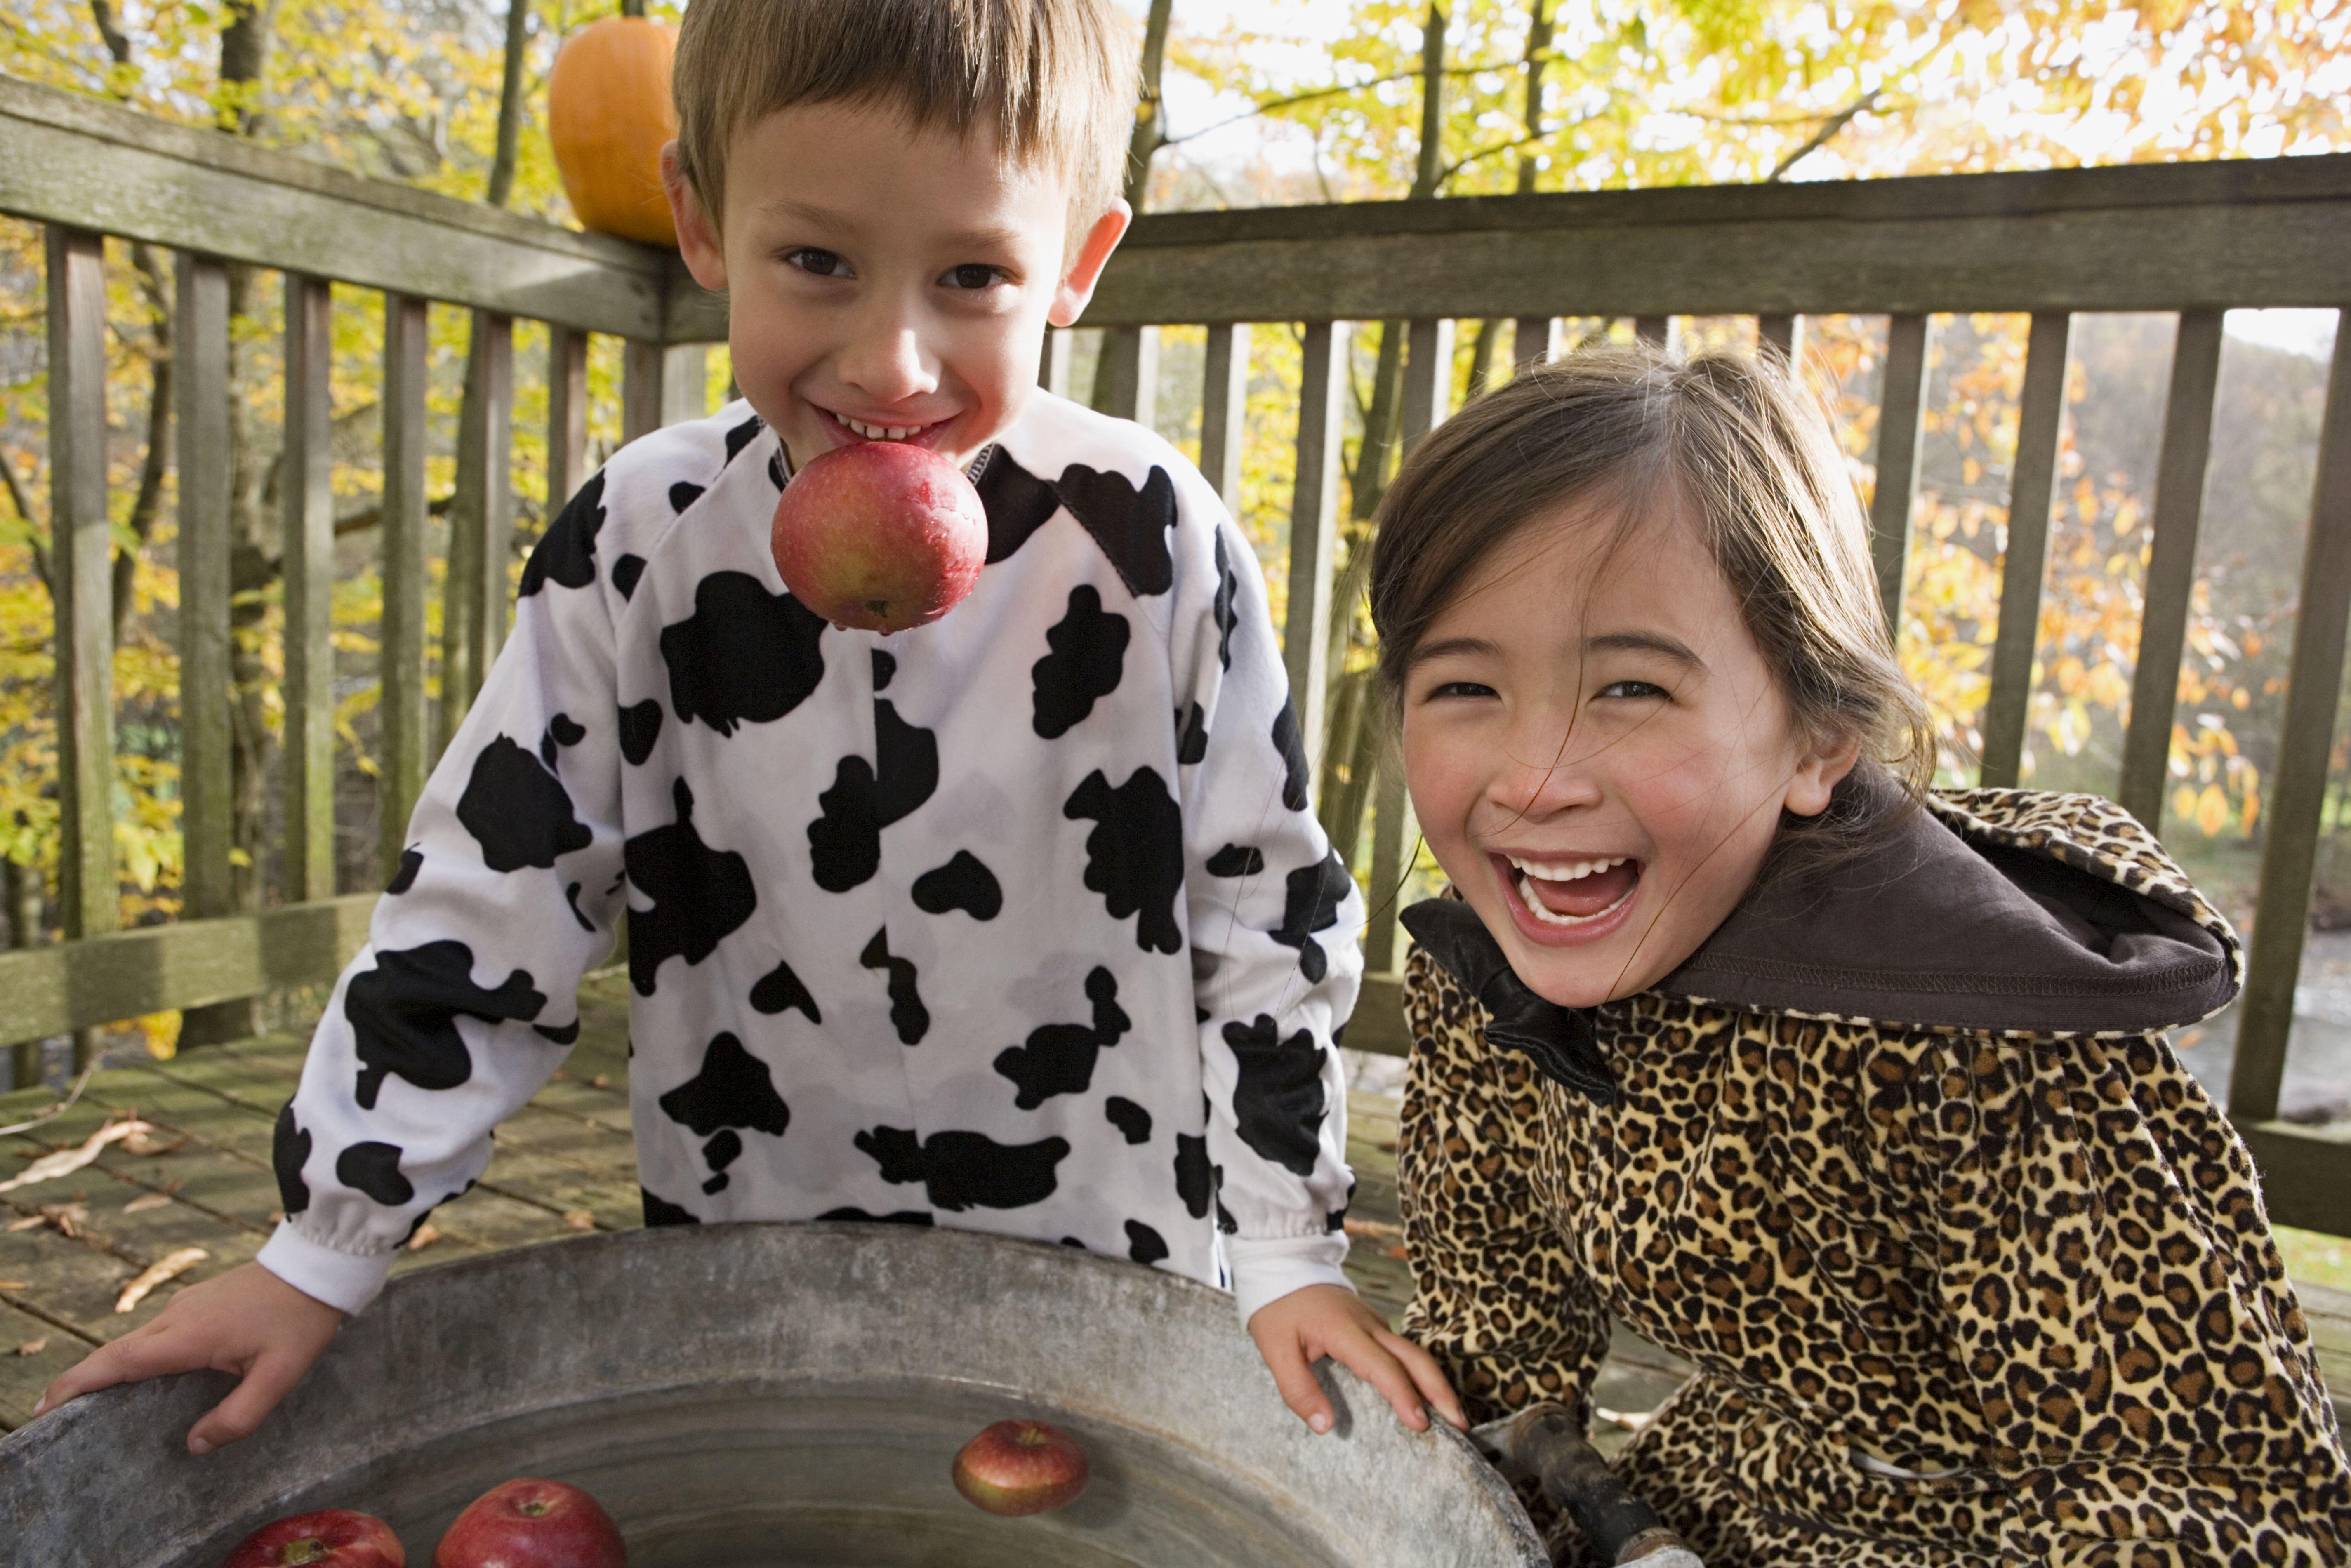 Boy and girl apple bobbing, a retro Halloween activity.